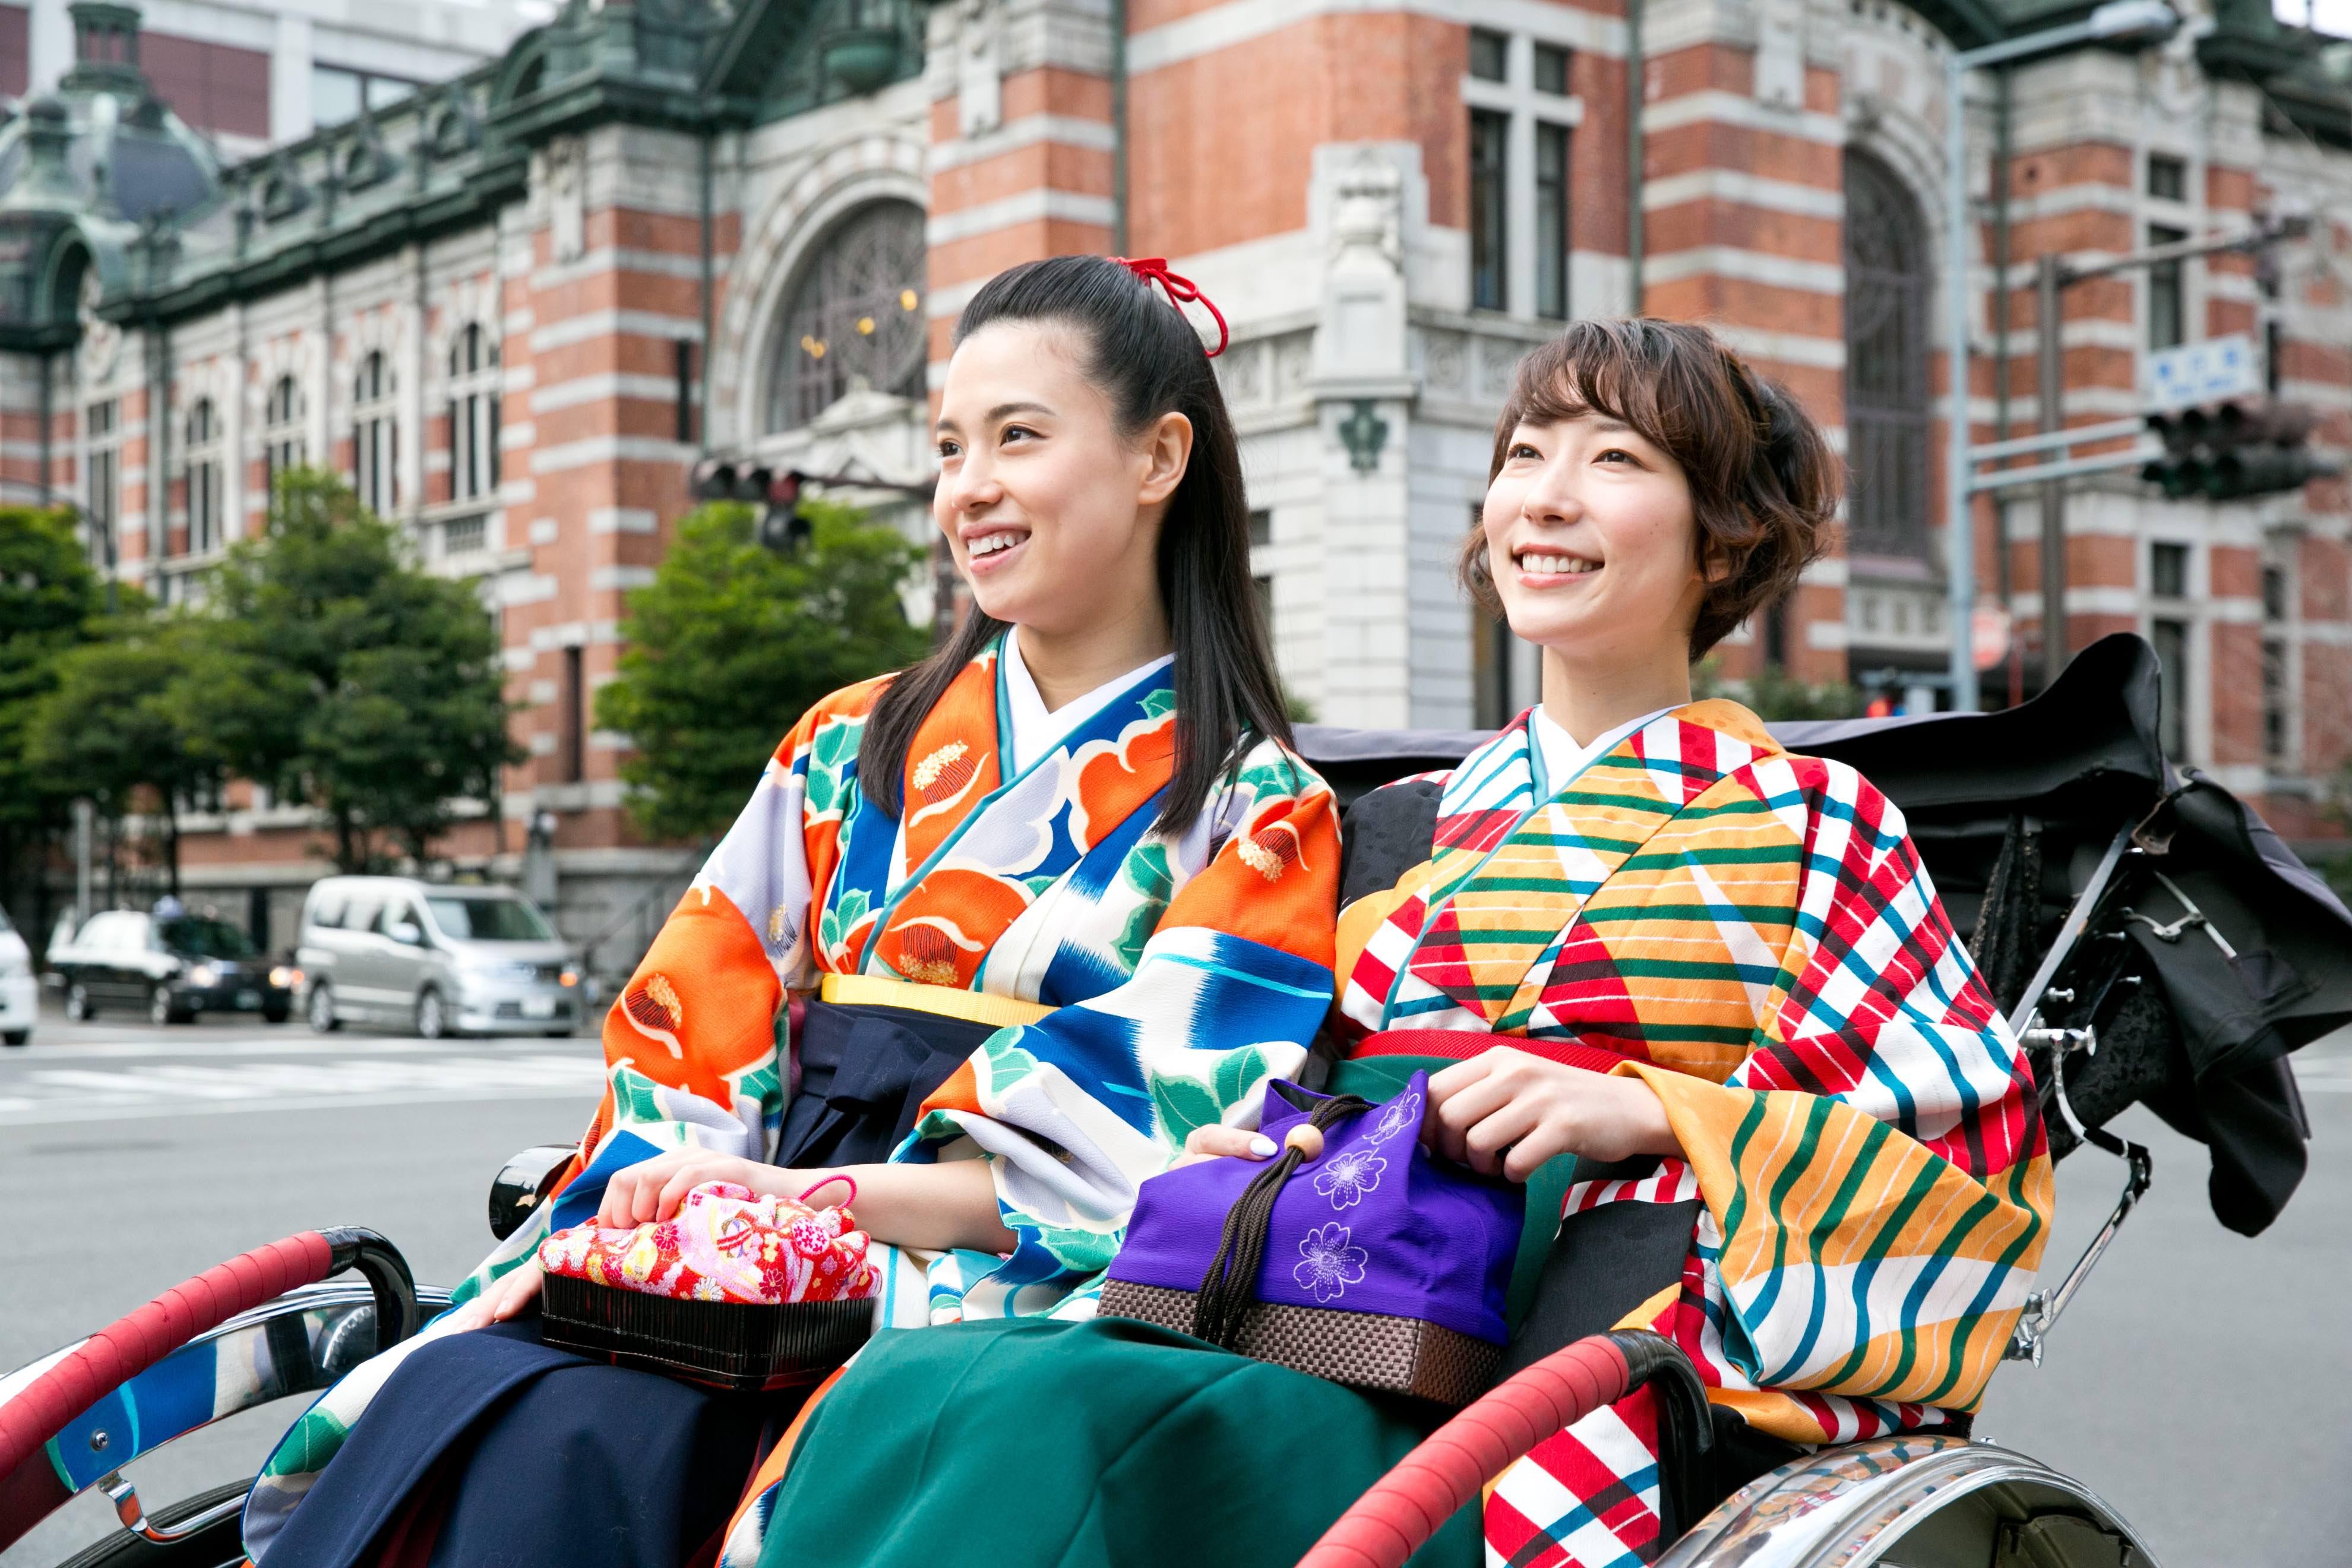 요코하마의 관광 거점에도 <요코하마 하이칼라 기모노관>